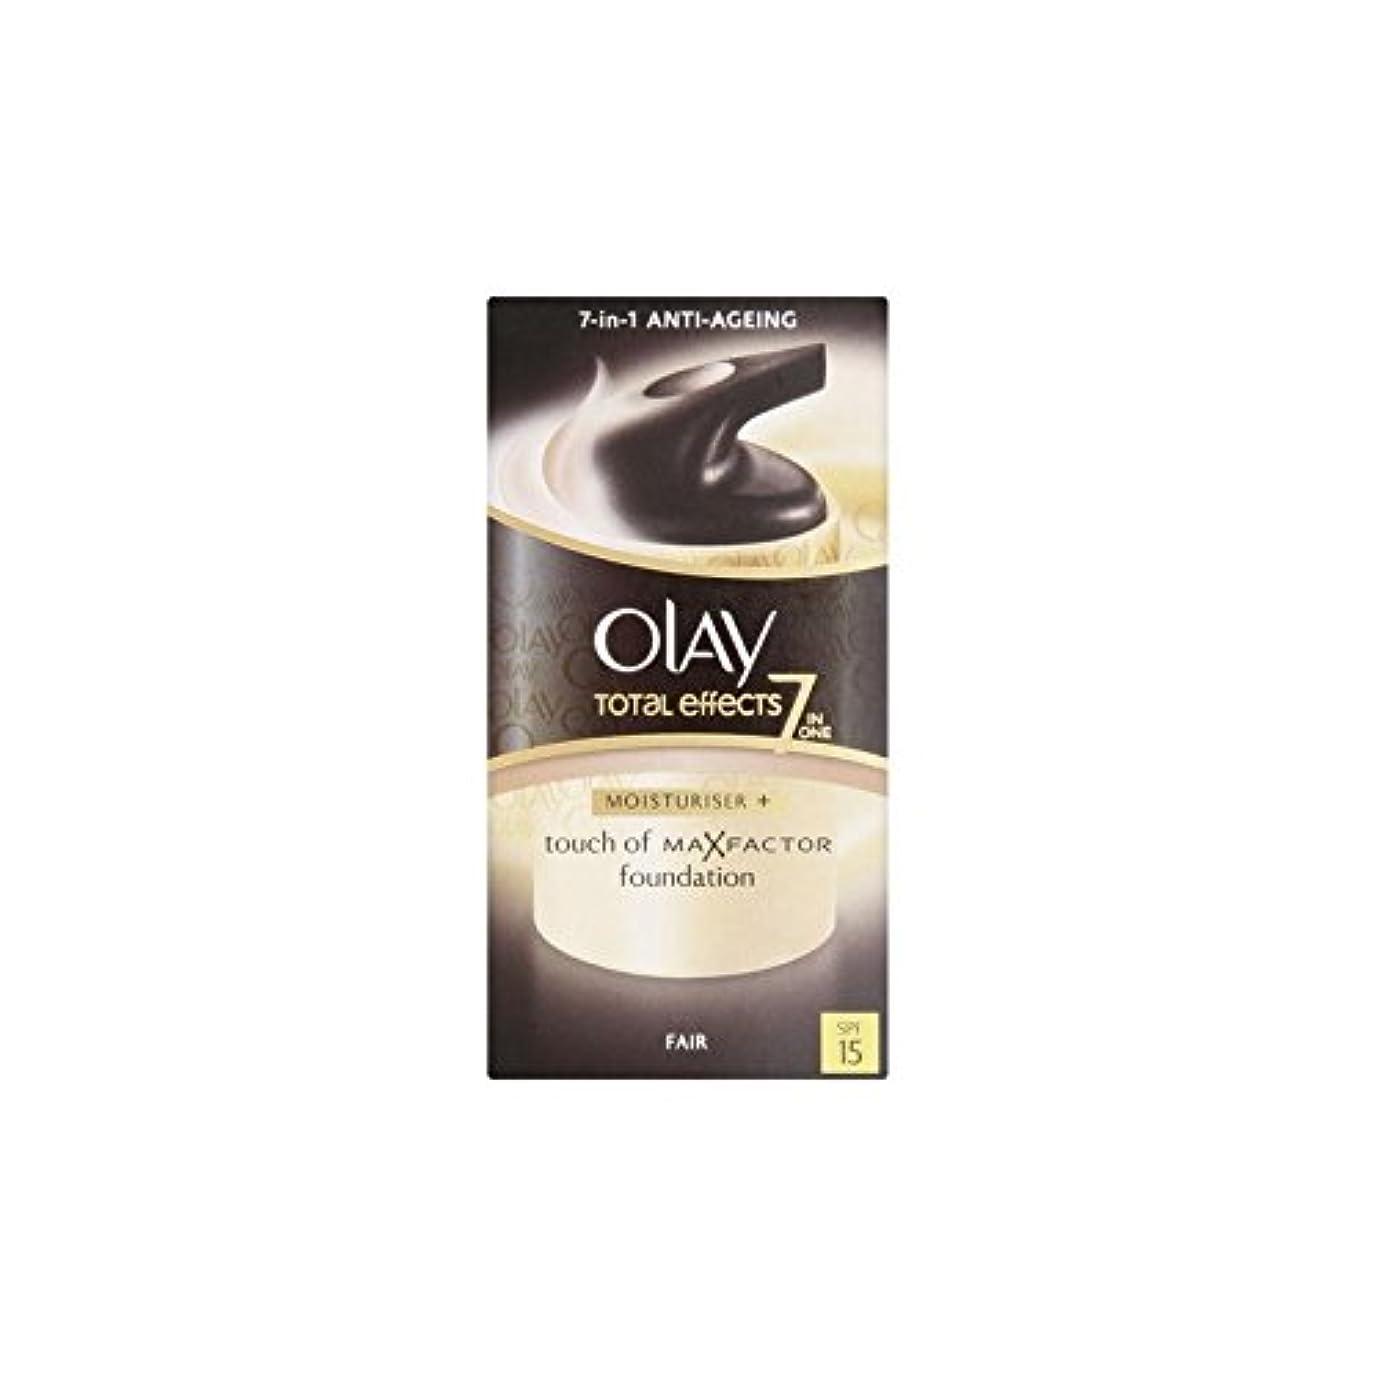 アーネストシャクルトンおじさん手順オーレイトータルエフェクト保湿クリーム15 - フェア(50ミリリットル) x4 - Olay Total Effects Moisturiser Bb Cream Spf15 - Fair (50ml) (Pack of...